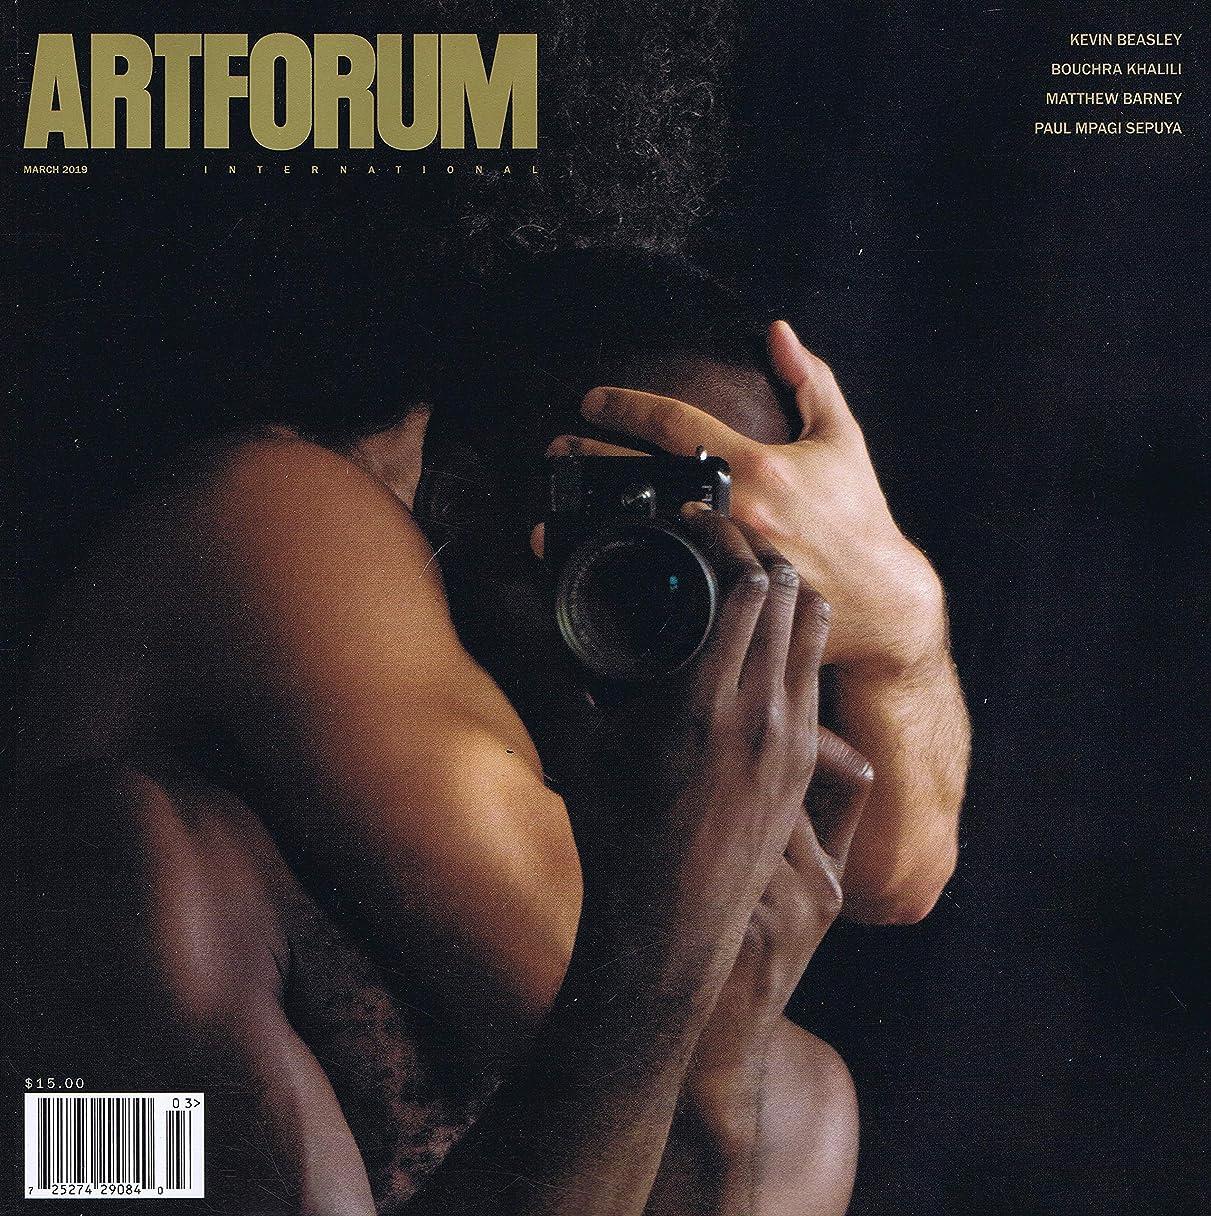 ファーム貼り直す絵Artforum International [US] March 2019 (単号)